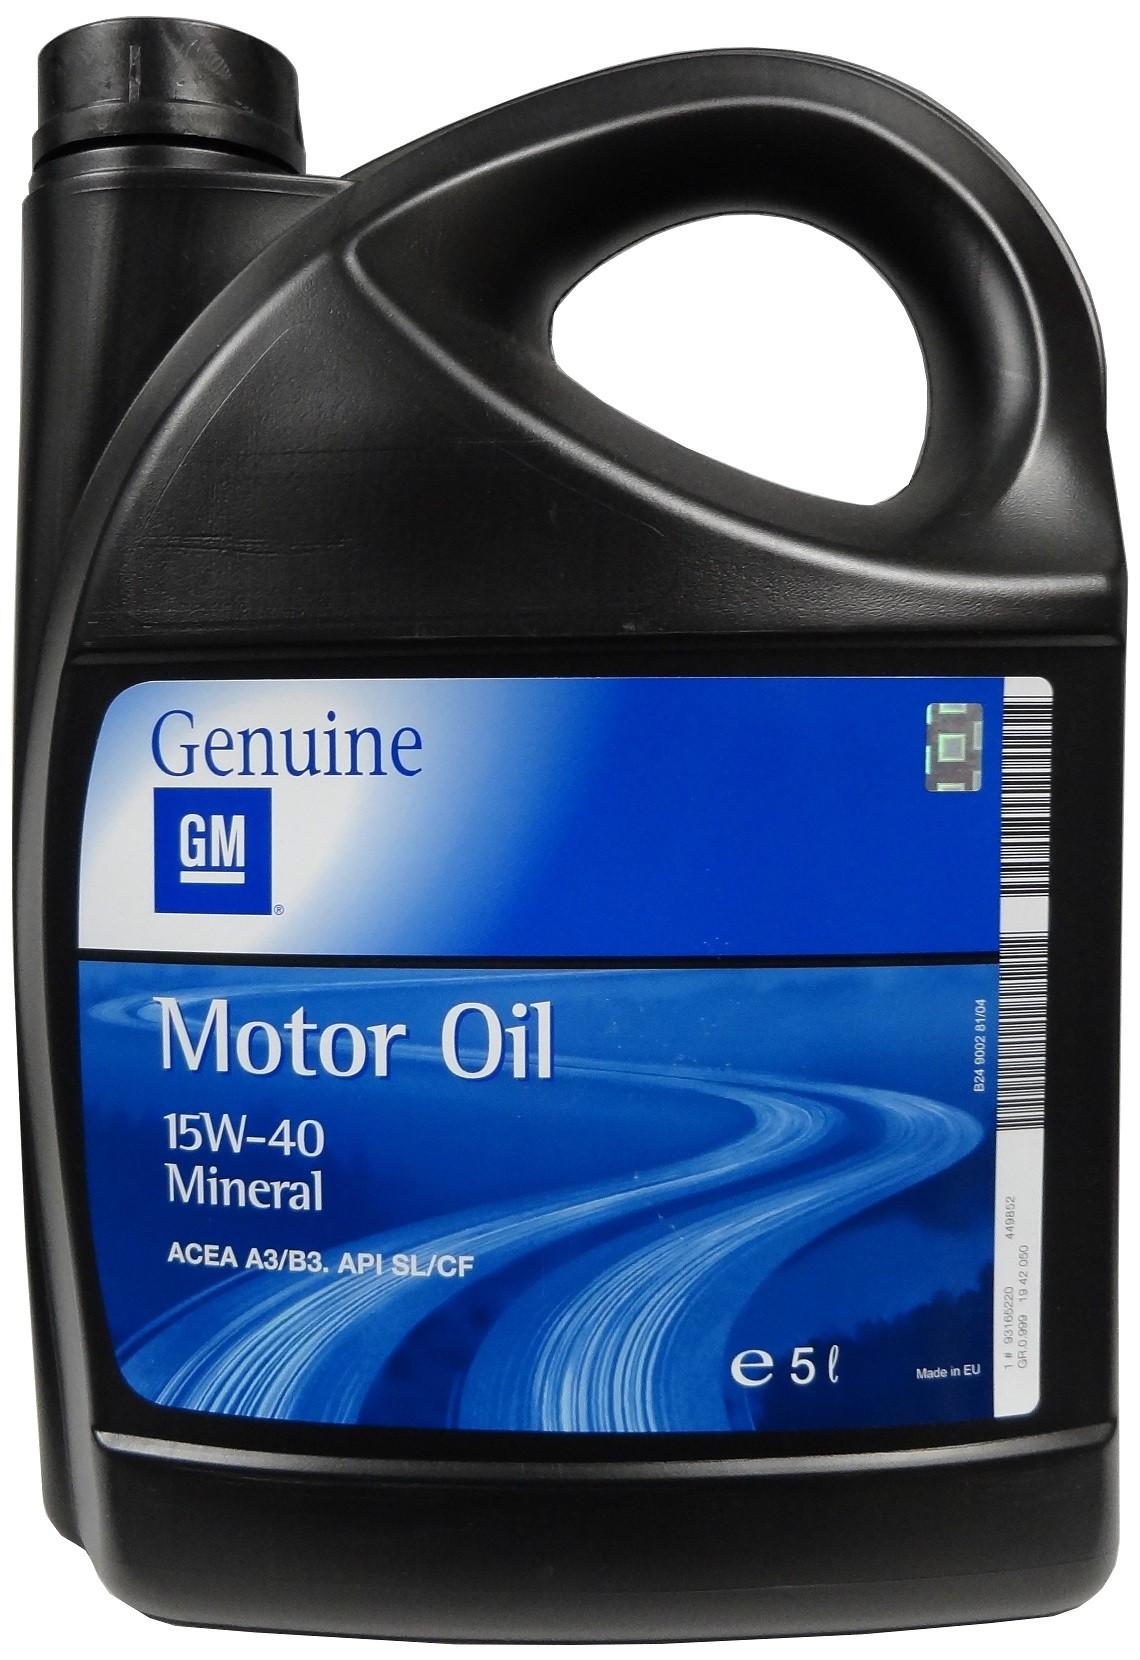 GM MOTOR OIL 15W-40 5L